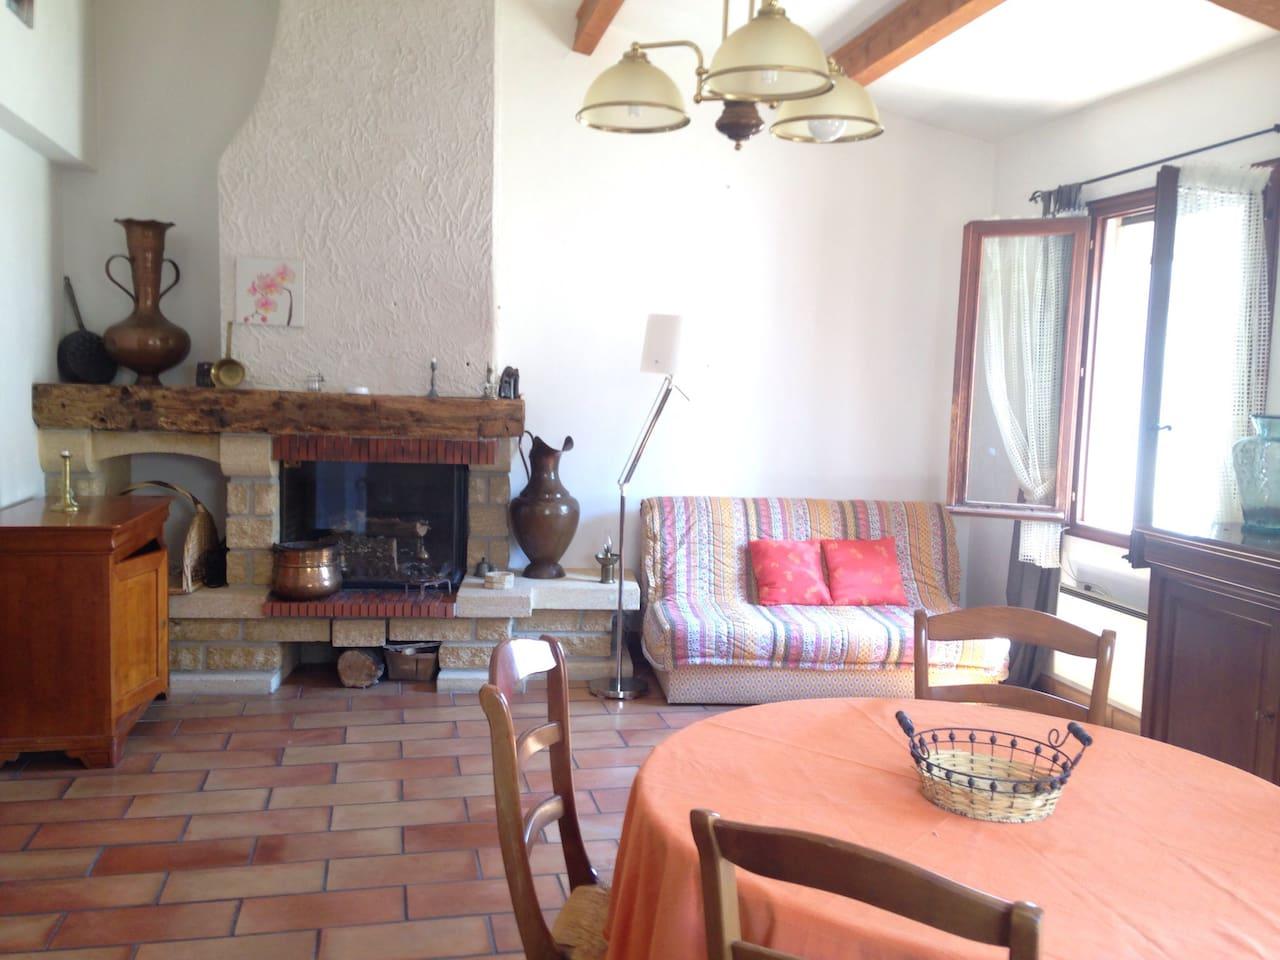 Bel espace à vivre chaleureux équipe d'une cheminée avec foyer fermé.